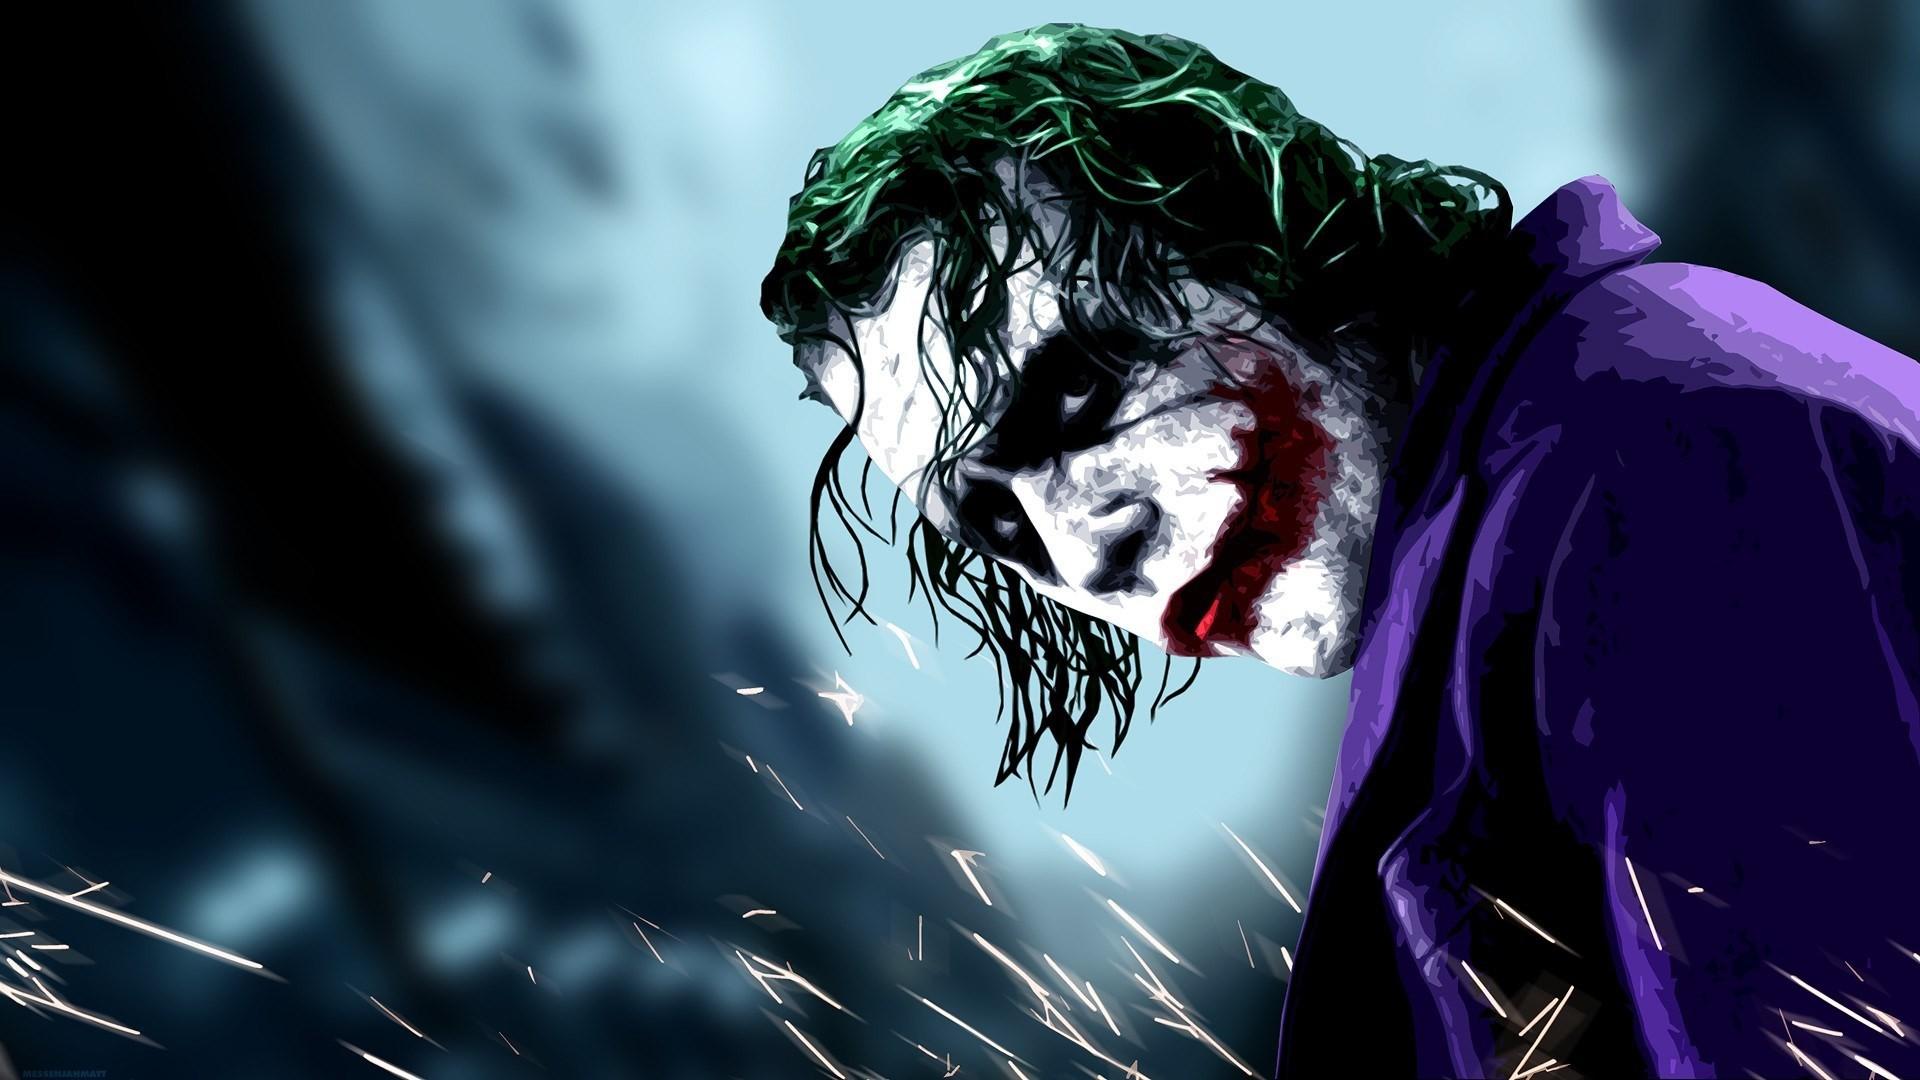 joker hd Full HD